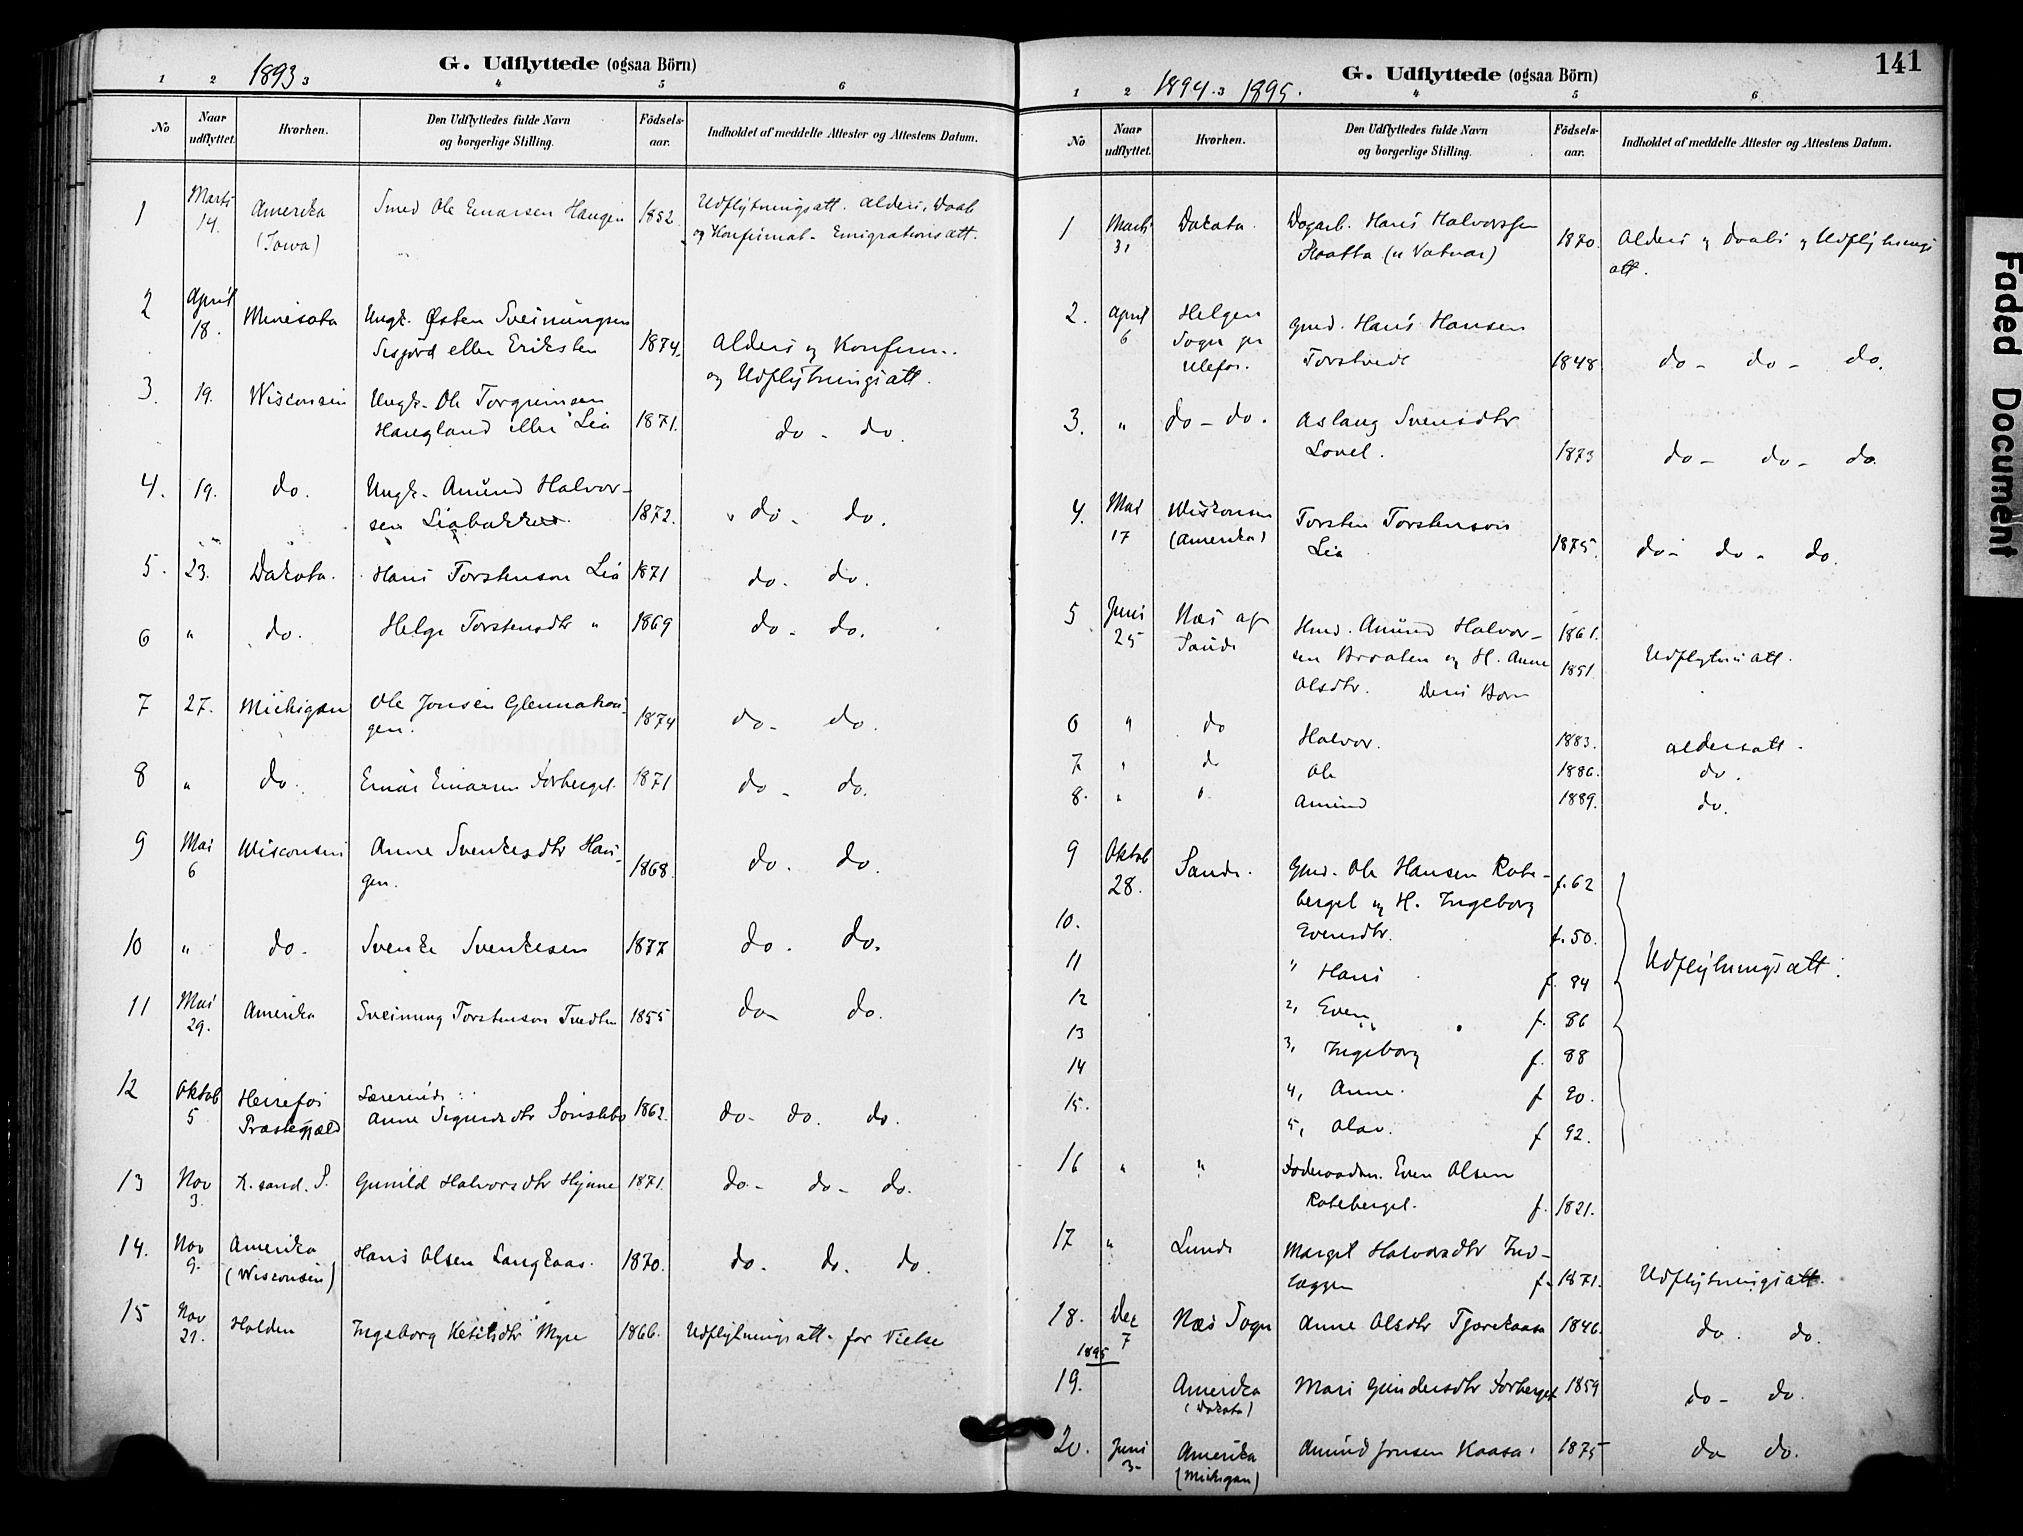 SAKO, Bø kirkebøker, F/Fa/L0011: Ministerialbok nr. 11, 1892-1900, s. 141